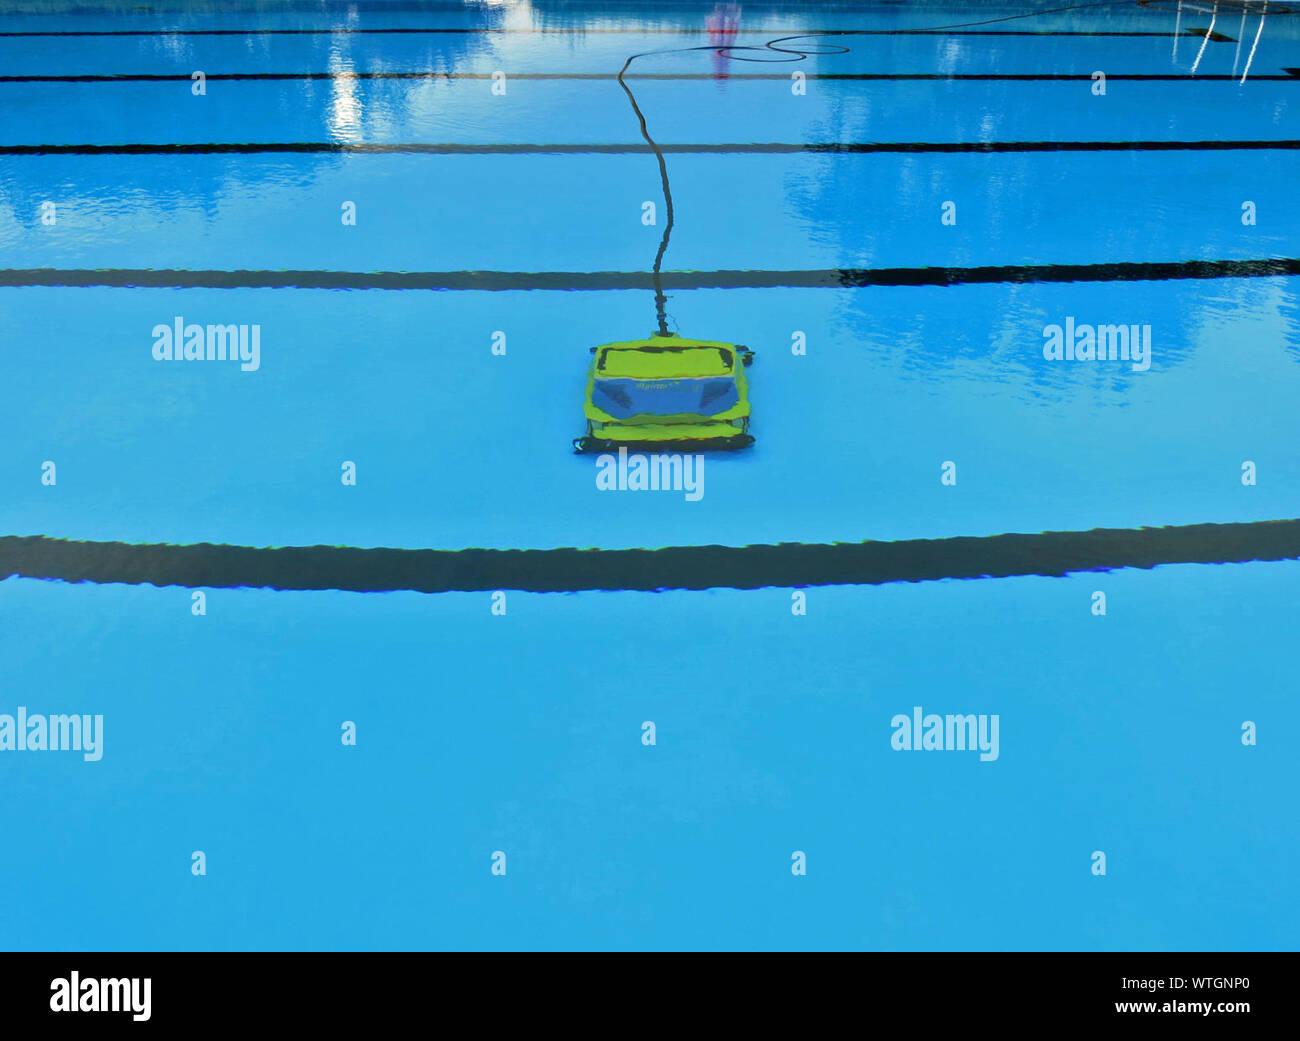 Polaris pulitore piscina hook up